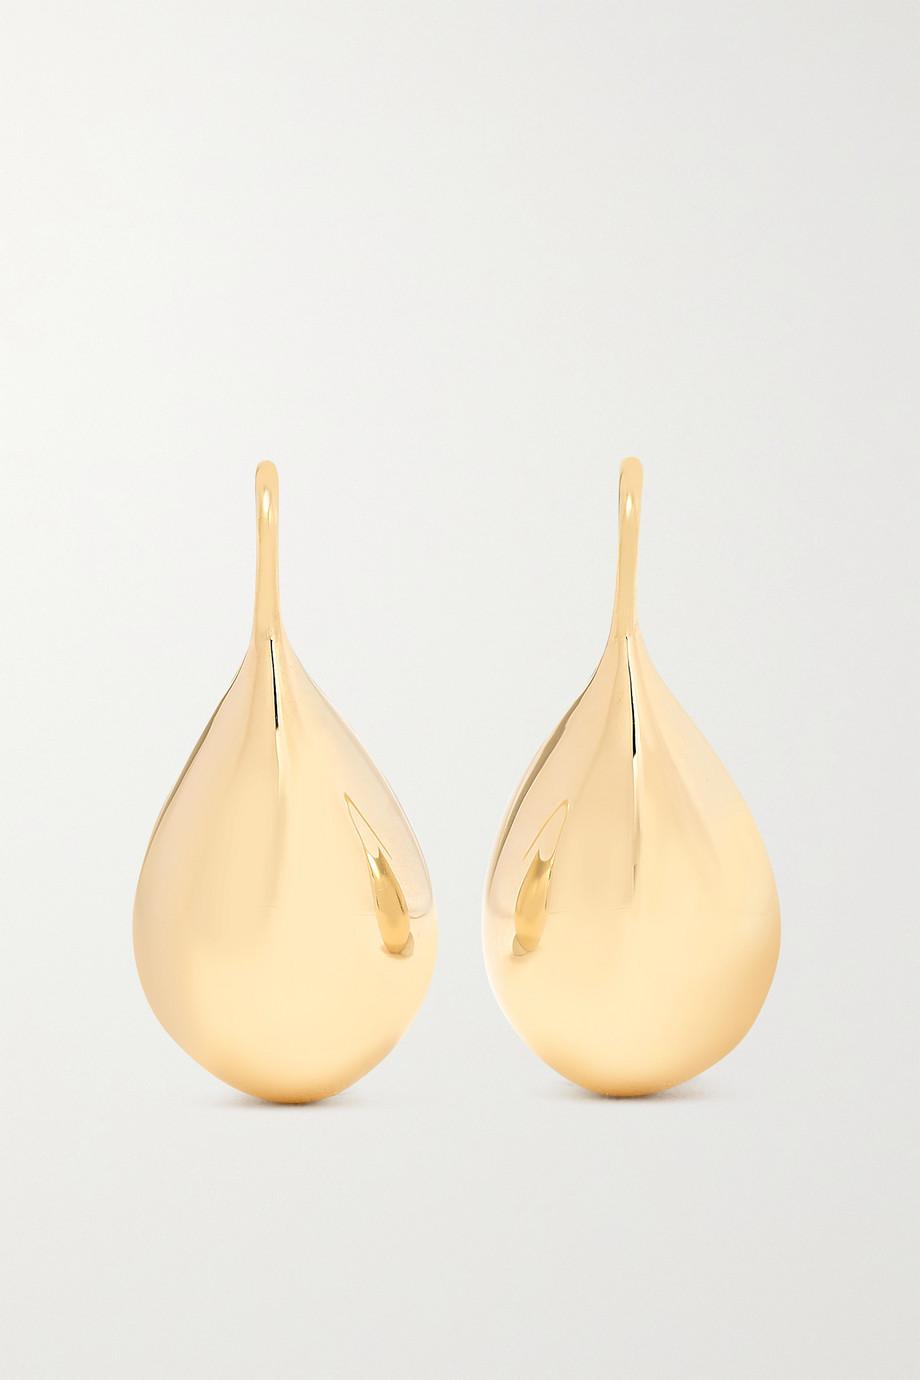 KHIRY Fine Boucles d'oreilles en or 18 carats Jug Drops Small